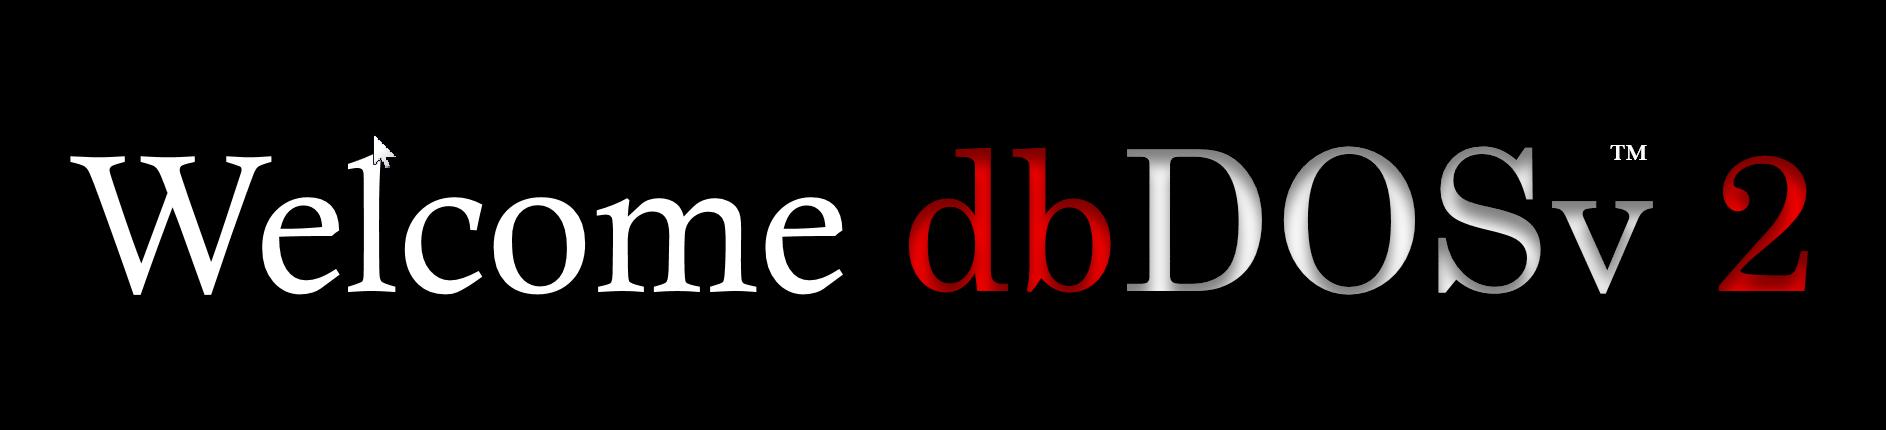 dbDOSv™ 2